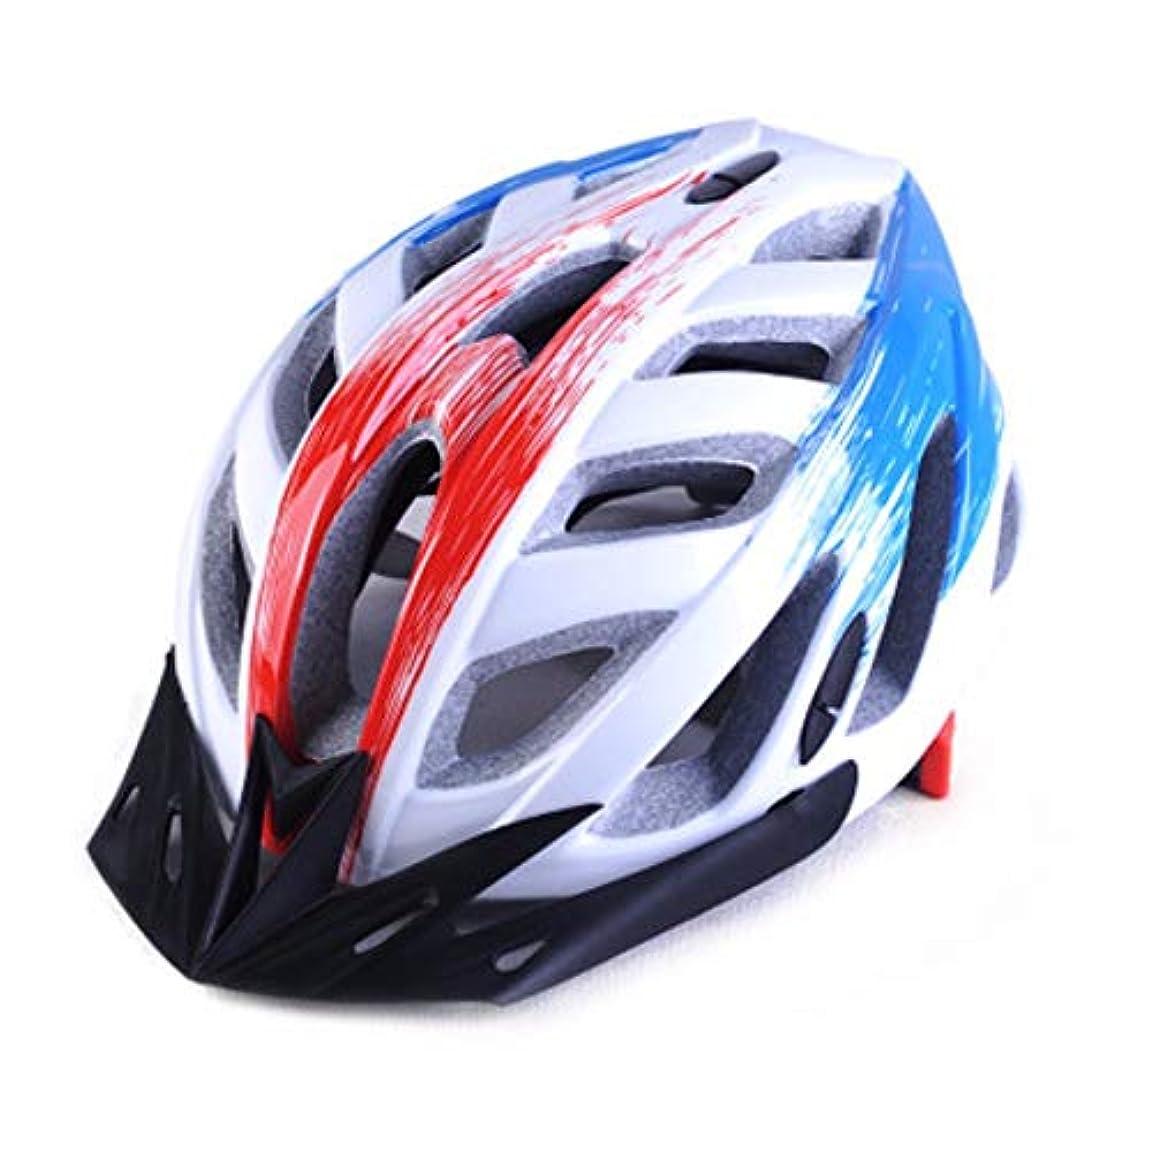 メロドラマティックハブブ主権者ZZXIA-サイクリングヘルメット 自転車ヘルメットマウンテンバイク用ヘルメット一体成形